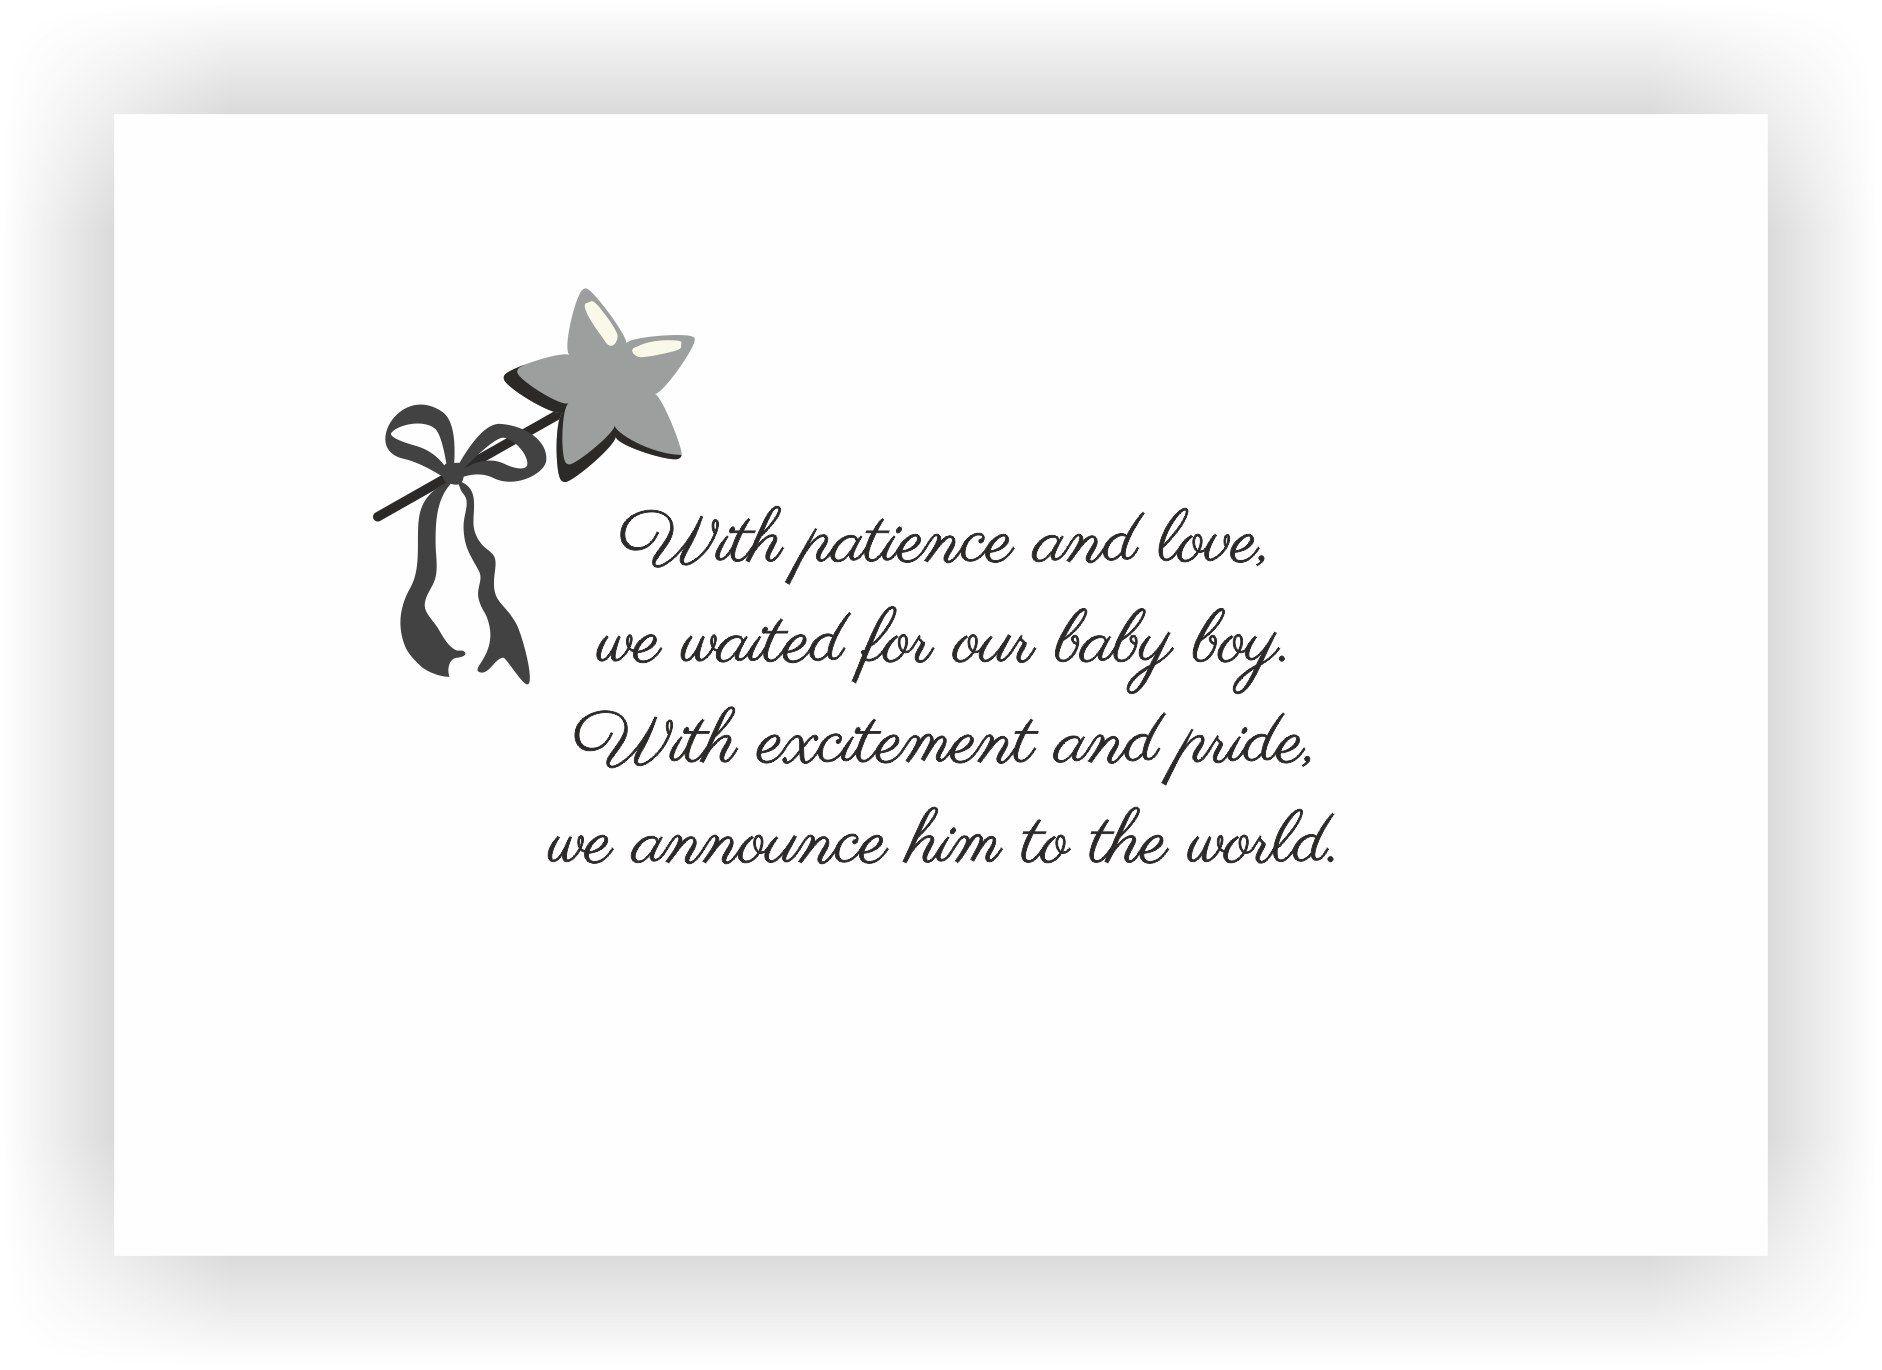 newborn baby announcement message